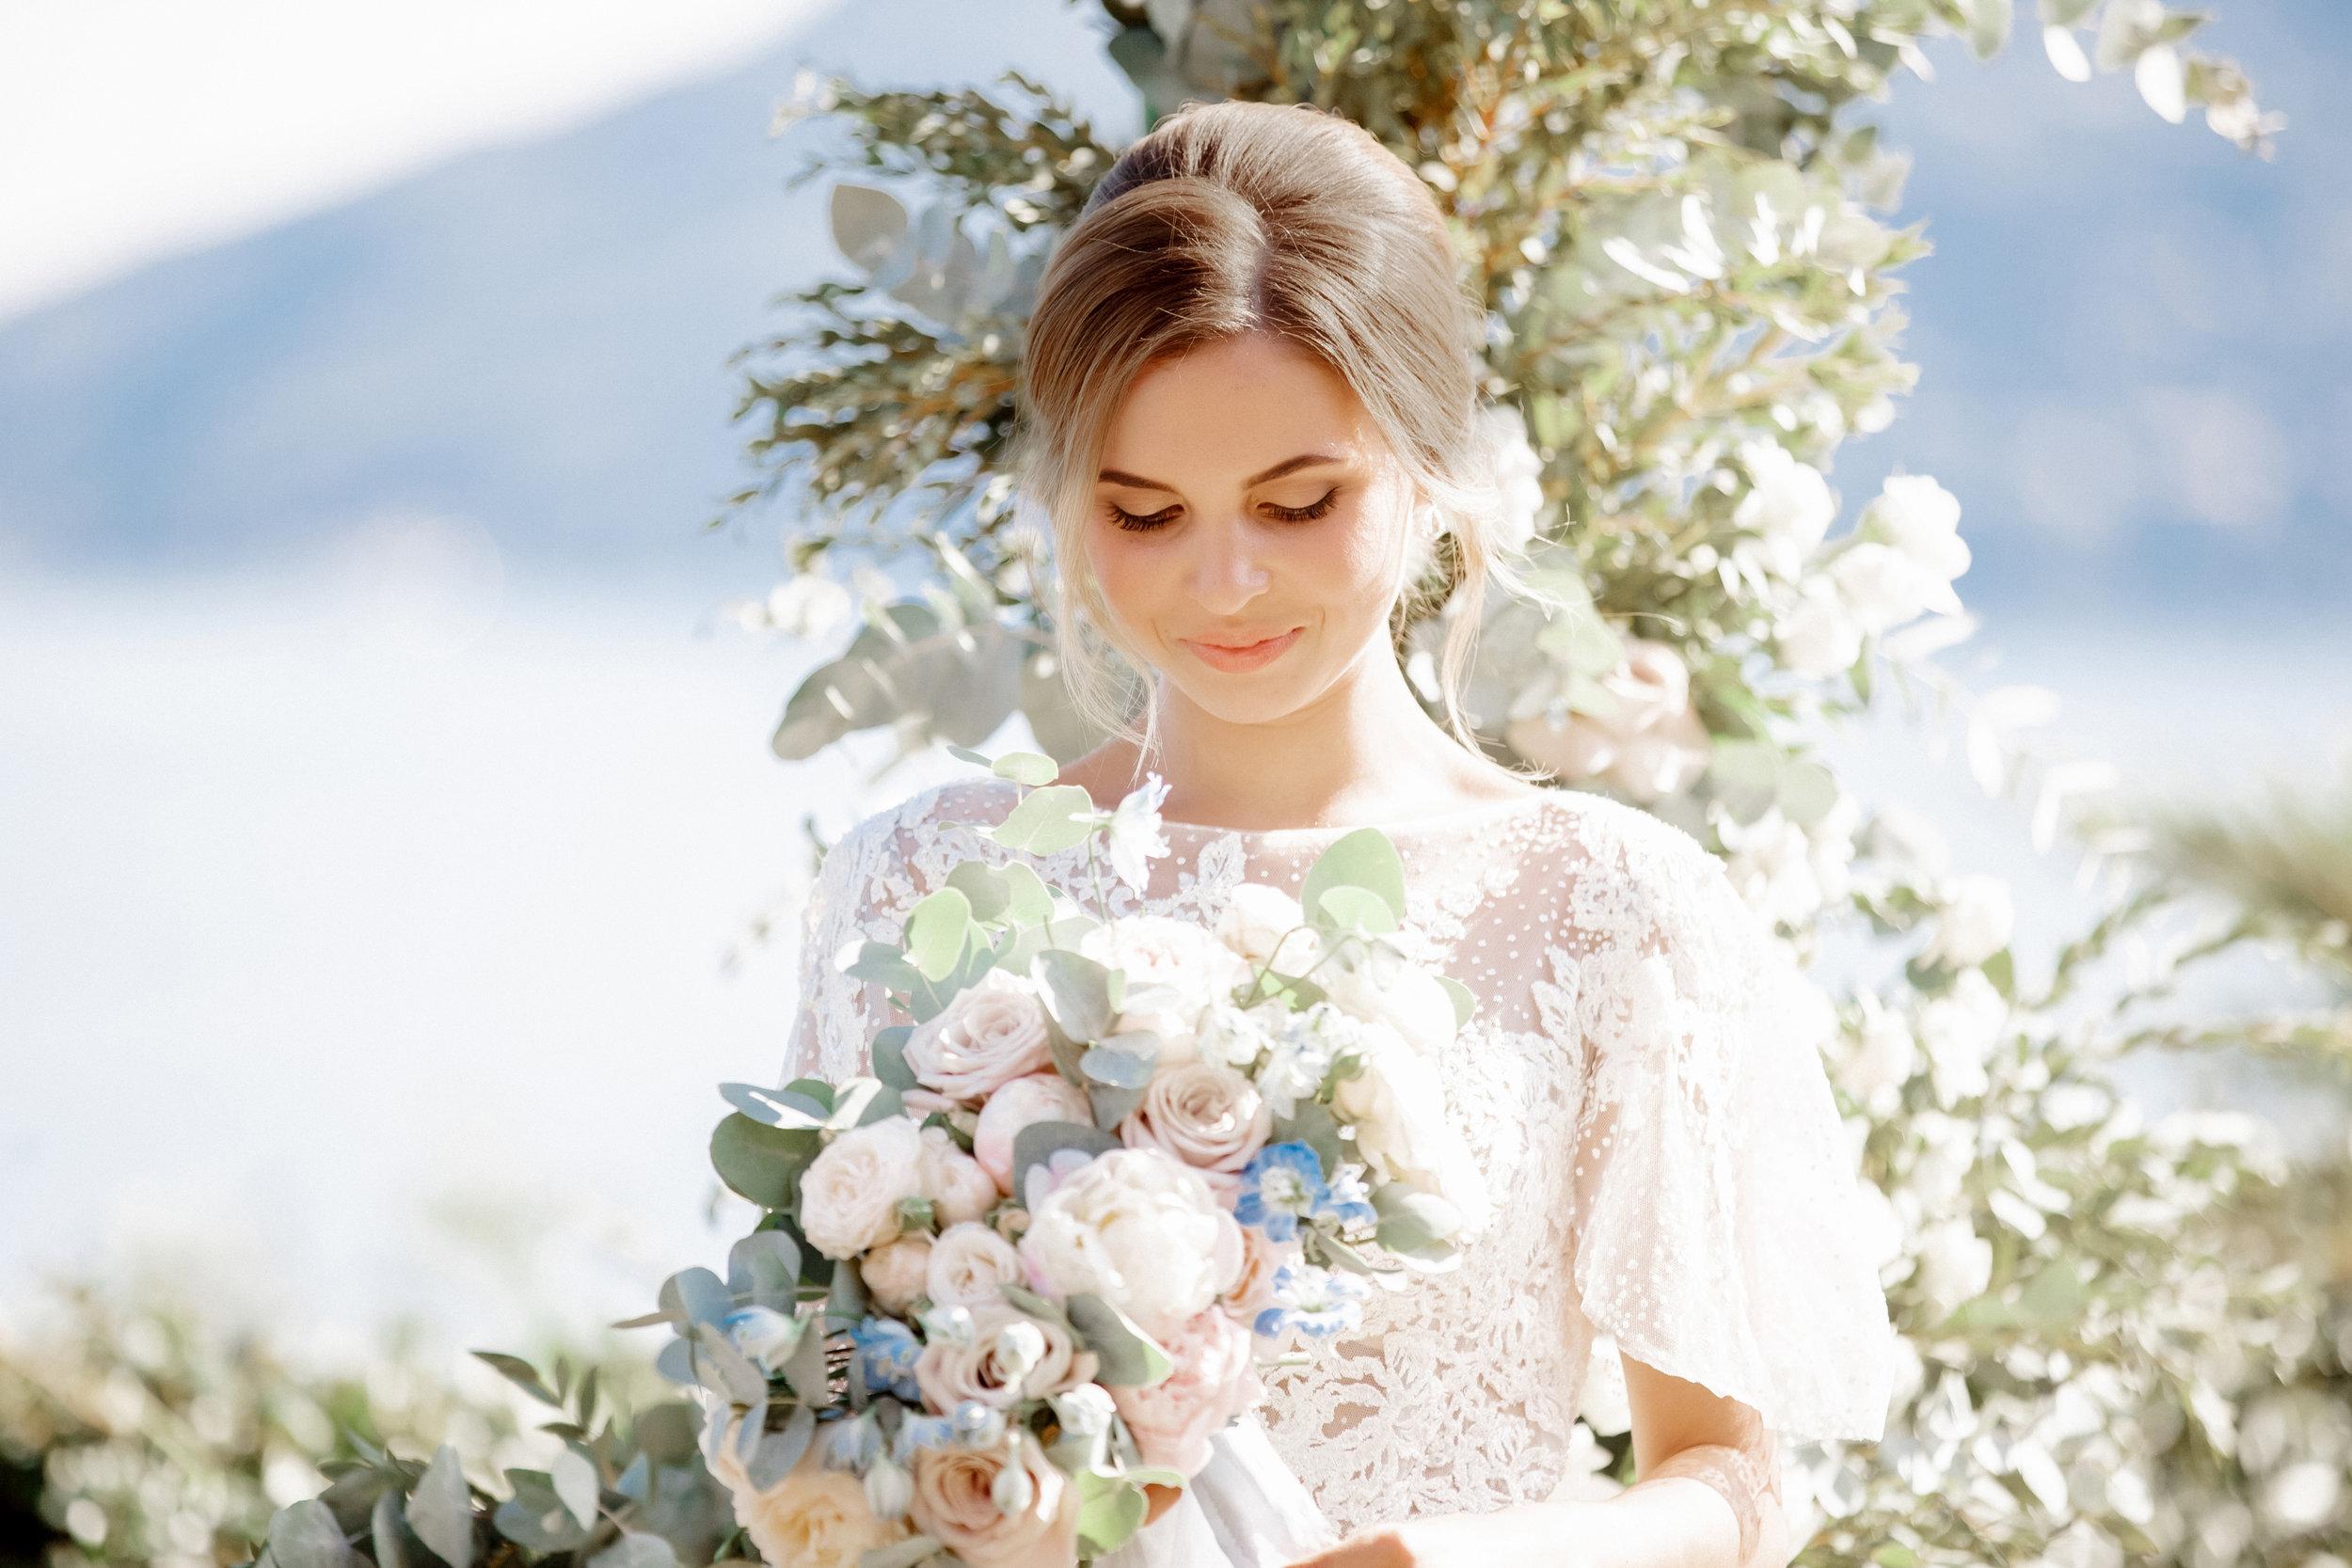 170822-232-Marina-Fadeeva-wedding-photographer.jpg